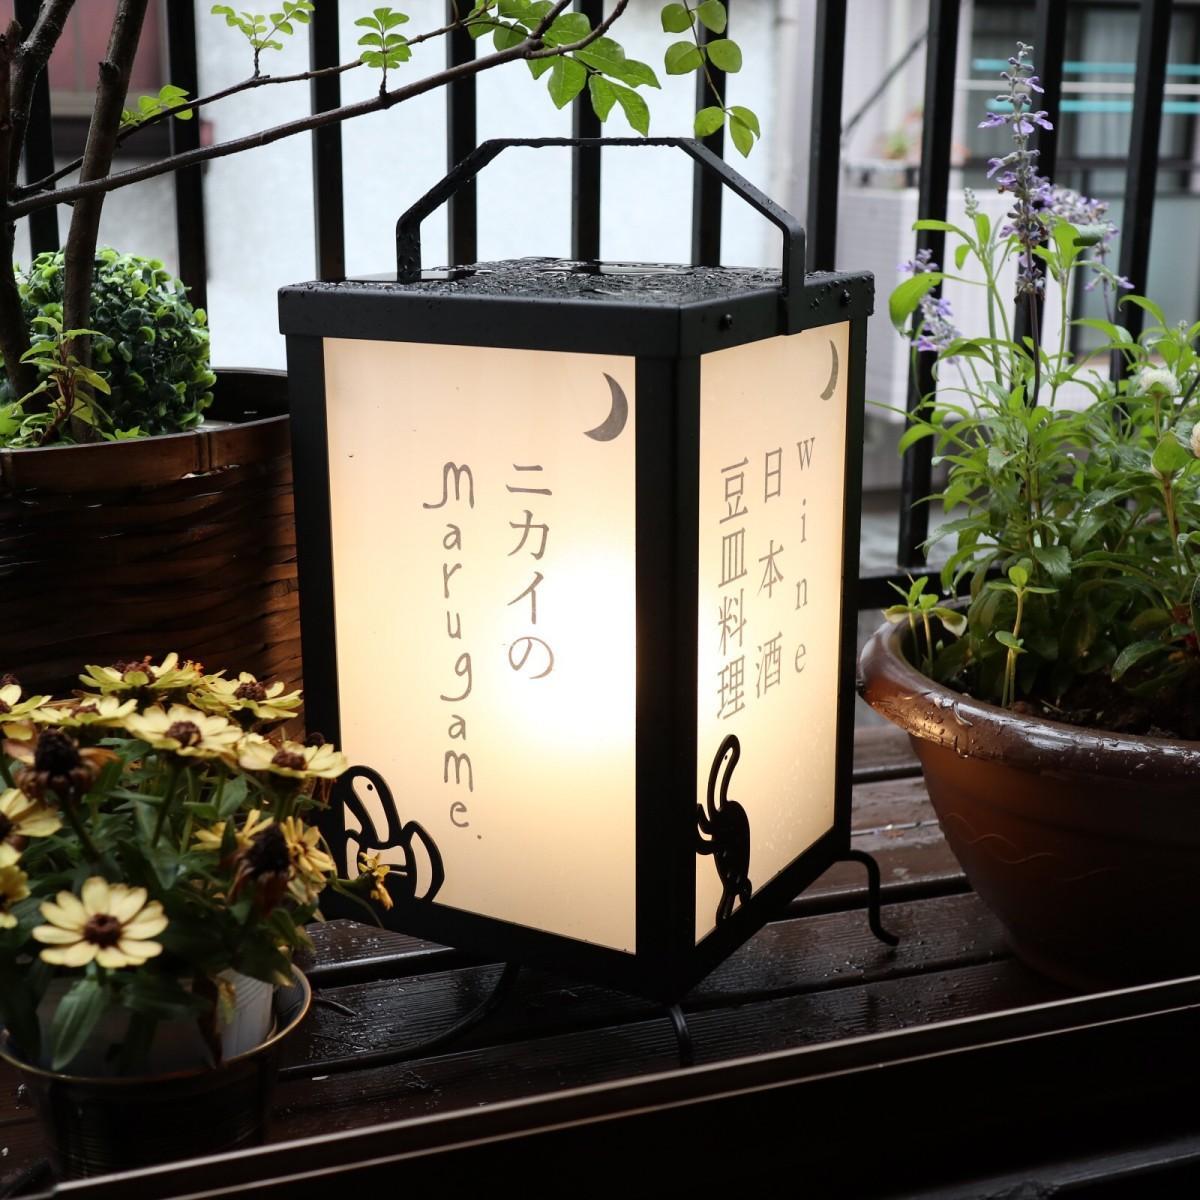 神楽坂・小栗通りのワインダイニング「marugame(まるがめ)」2階にワインと日本酒と豆皿料理の店「ニカイのmarugame」がオープン